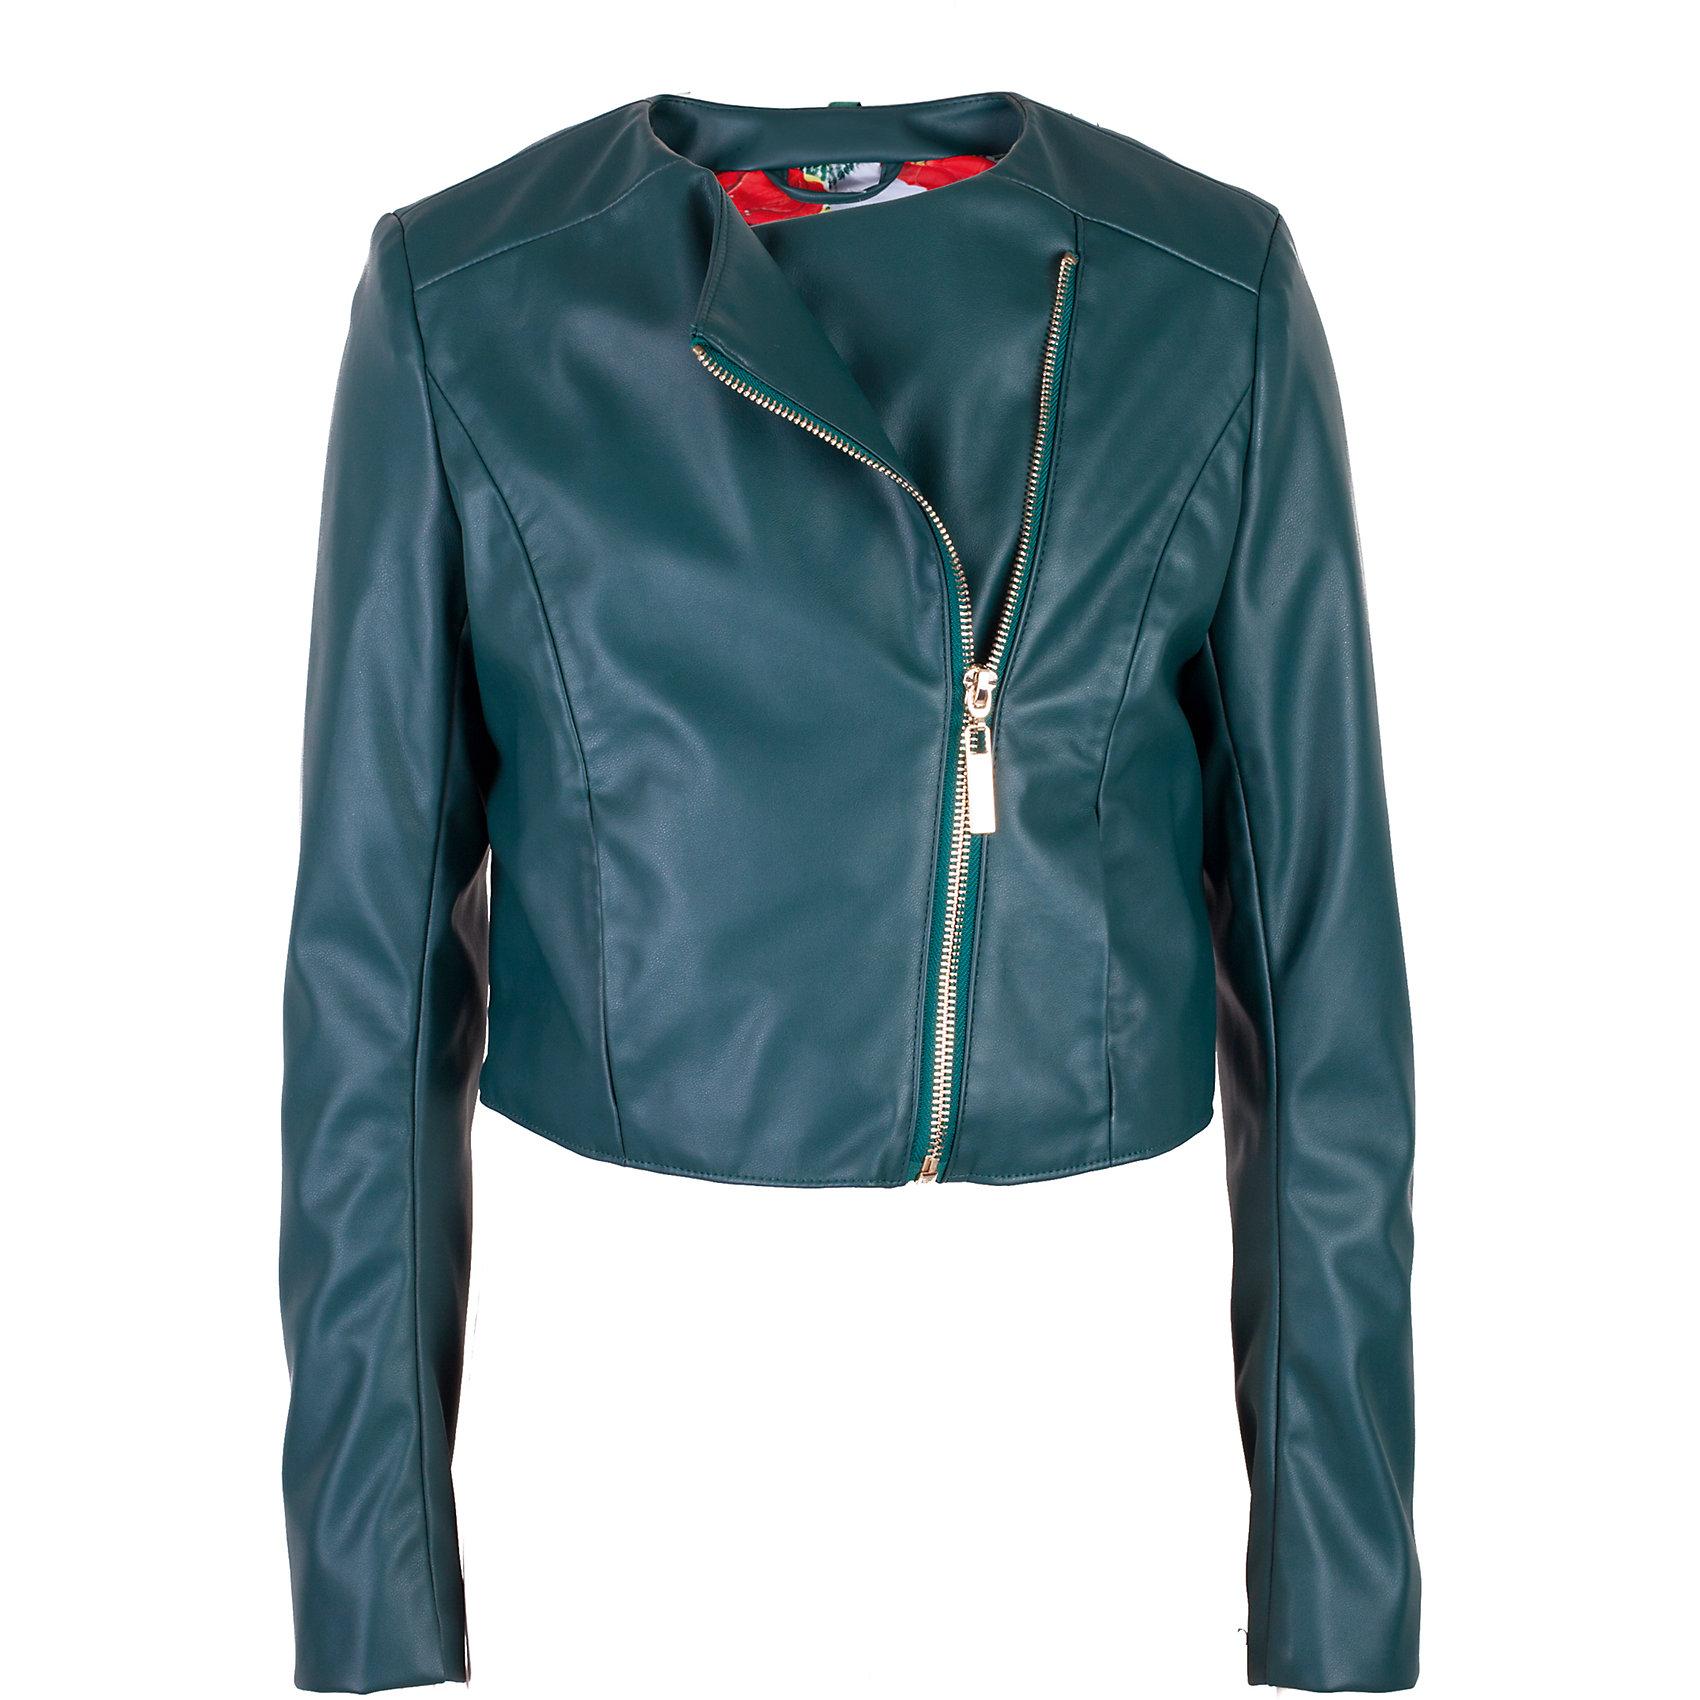 Ветровка для девочки GulliverВетровки и жакеты<br>Стильная куртка-косуха из эко-кожи для девочки - хит сезона Весна/Лето 2017! Она хороша в компании с джинсами, а также отлично выглядит в сочетании с брюками, юбкой, сарафаном.. Кожаная куртка в наше время - вещь универсальная. Темно-зеленая куртка-косуха идеально подойдет и для романтического, и для спортивного образа, придав им остроту и оригинальность. Купить модную куртку-косуху для девочки из коллекции Коста-Рика, значит, сделать ее образ эффектным, интересным, ярким.<br>Состав:<br>верх: 100% полиуретан; подкладка: 100% полиэстер<br><br>Ширина мм: 356<br>Глубина мм: 10<br>Высота мм: 245<br>Вес г: 519<br>Цвет: зеленый<br>Возраст от месяцев: 132<br>Возраст до месяцев: 144<br>Пол: Женский<br>Возраст: Детский<br>Размер: 152,164,158,146<br>SKU: 5483130